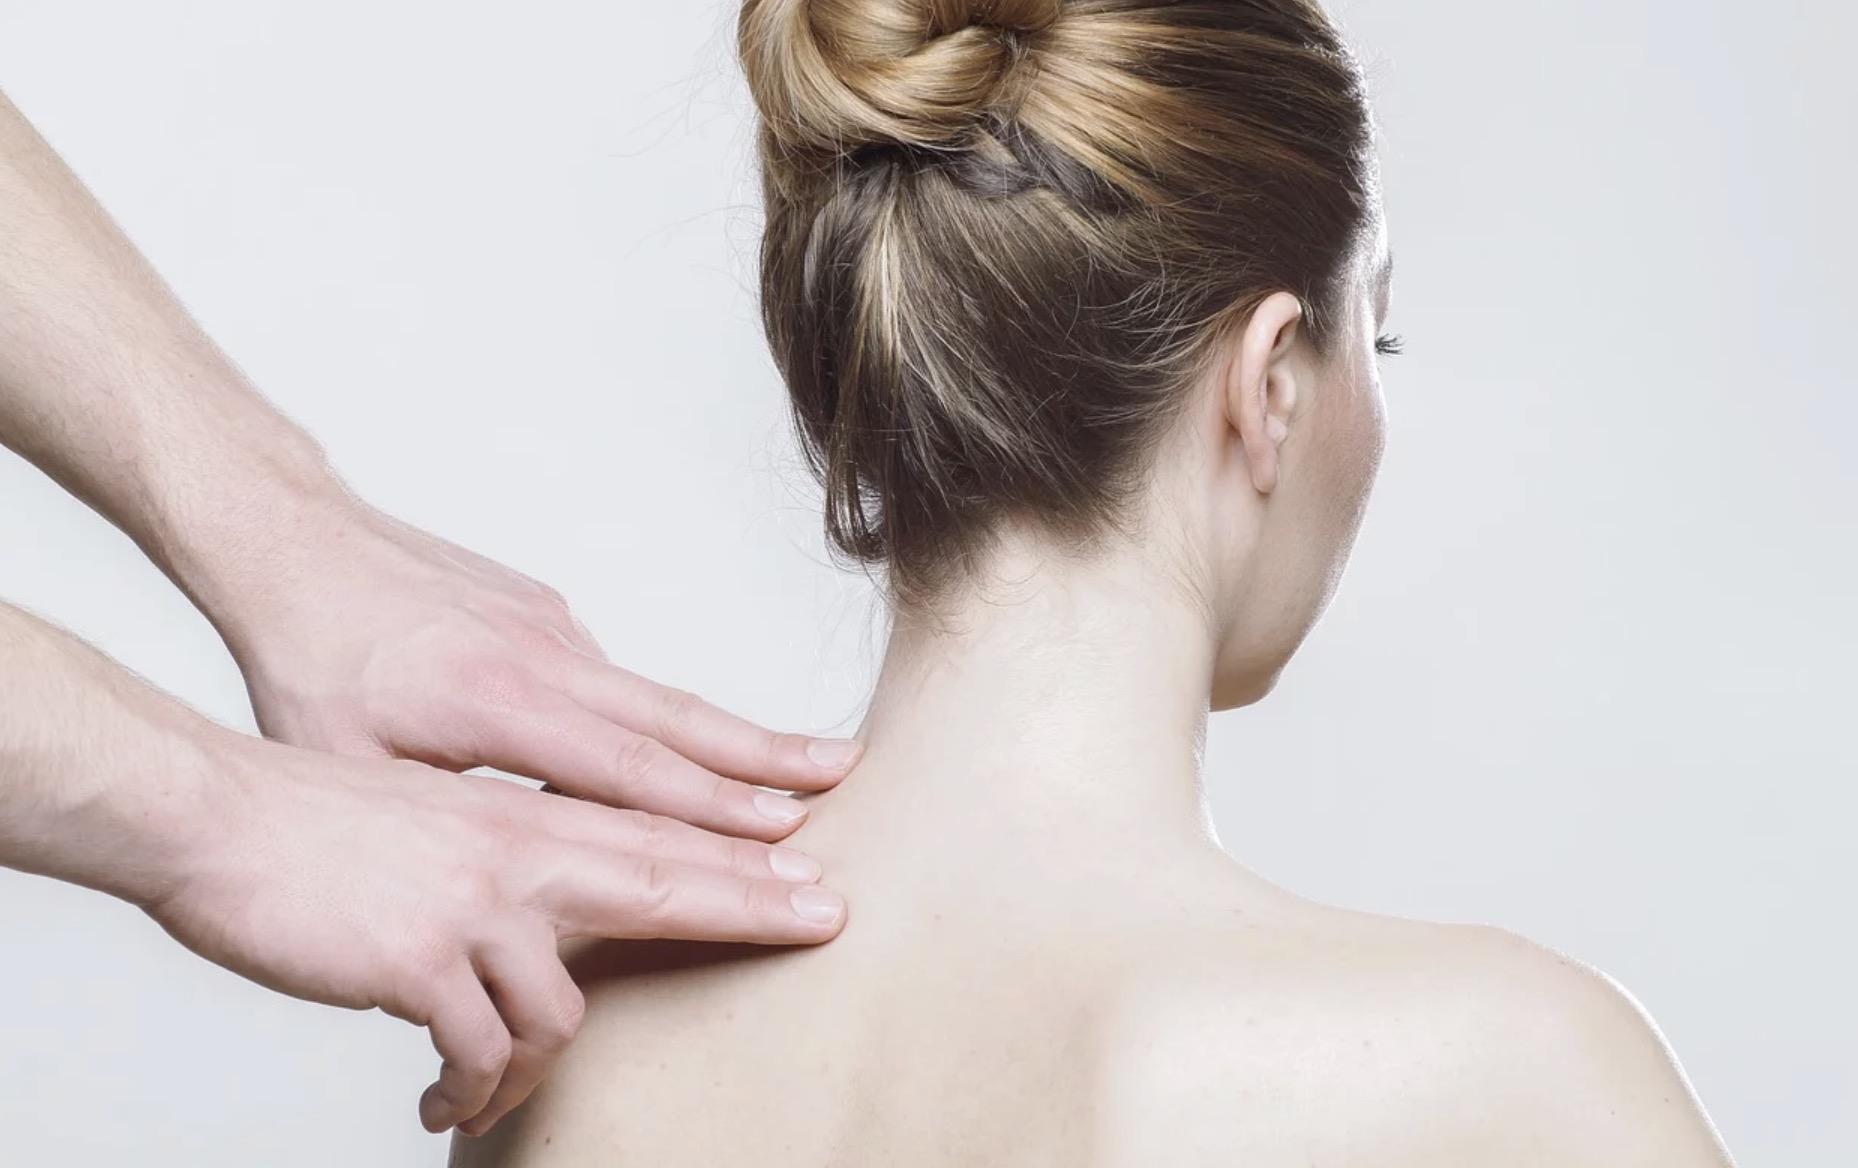 Les douleurs au dos